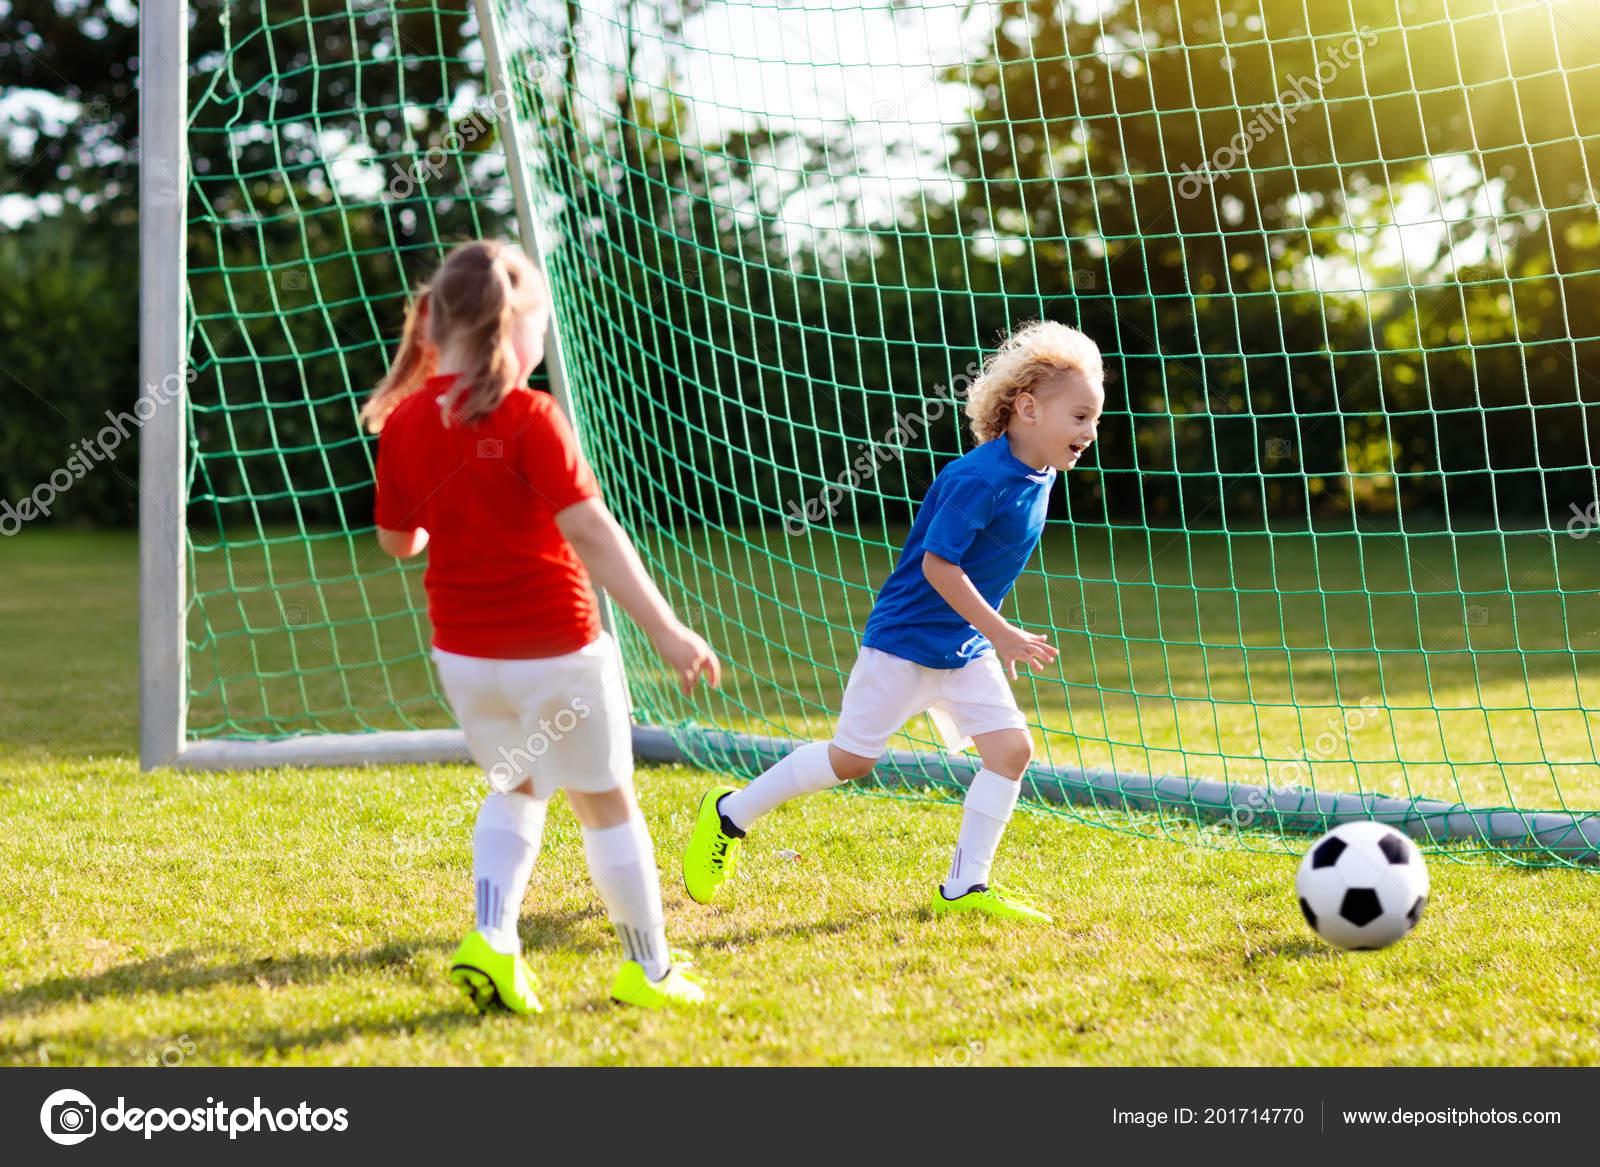 Los niños jugar al fútbol en el campo al aire libre. Los niños anotar un gol  en el partido de fútbol. Niña y niño pateando pelota. Niño corriendo en  Maillot ... 6a60b7519d72f